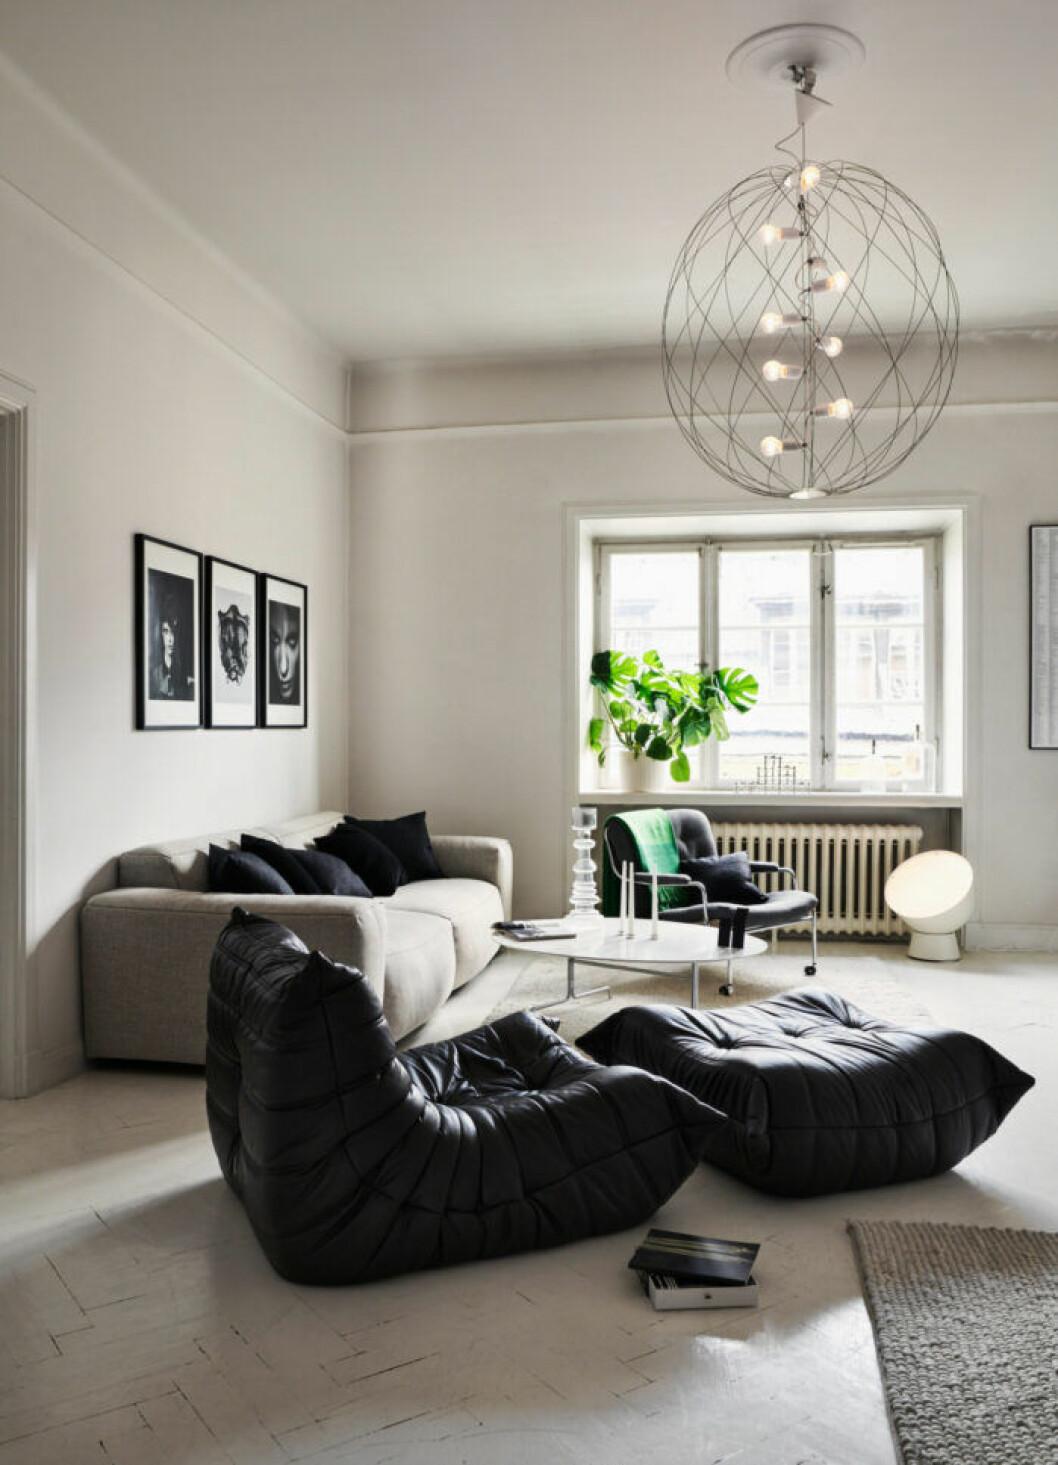 Svart fåtölj och fotpall i vardagsrummet hos modedesignern Lee Cotter i lägenheten i Stockholm